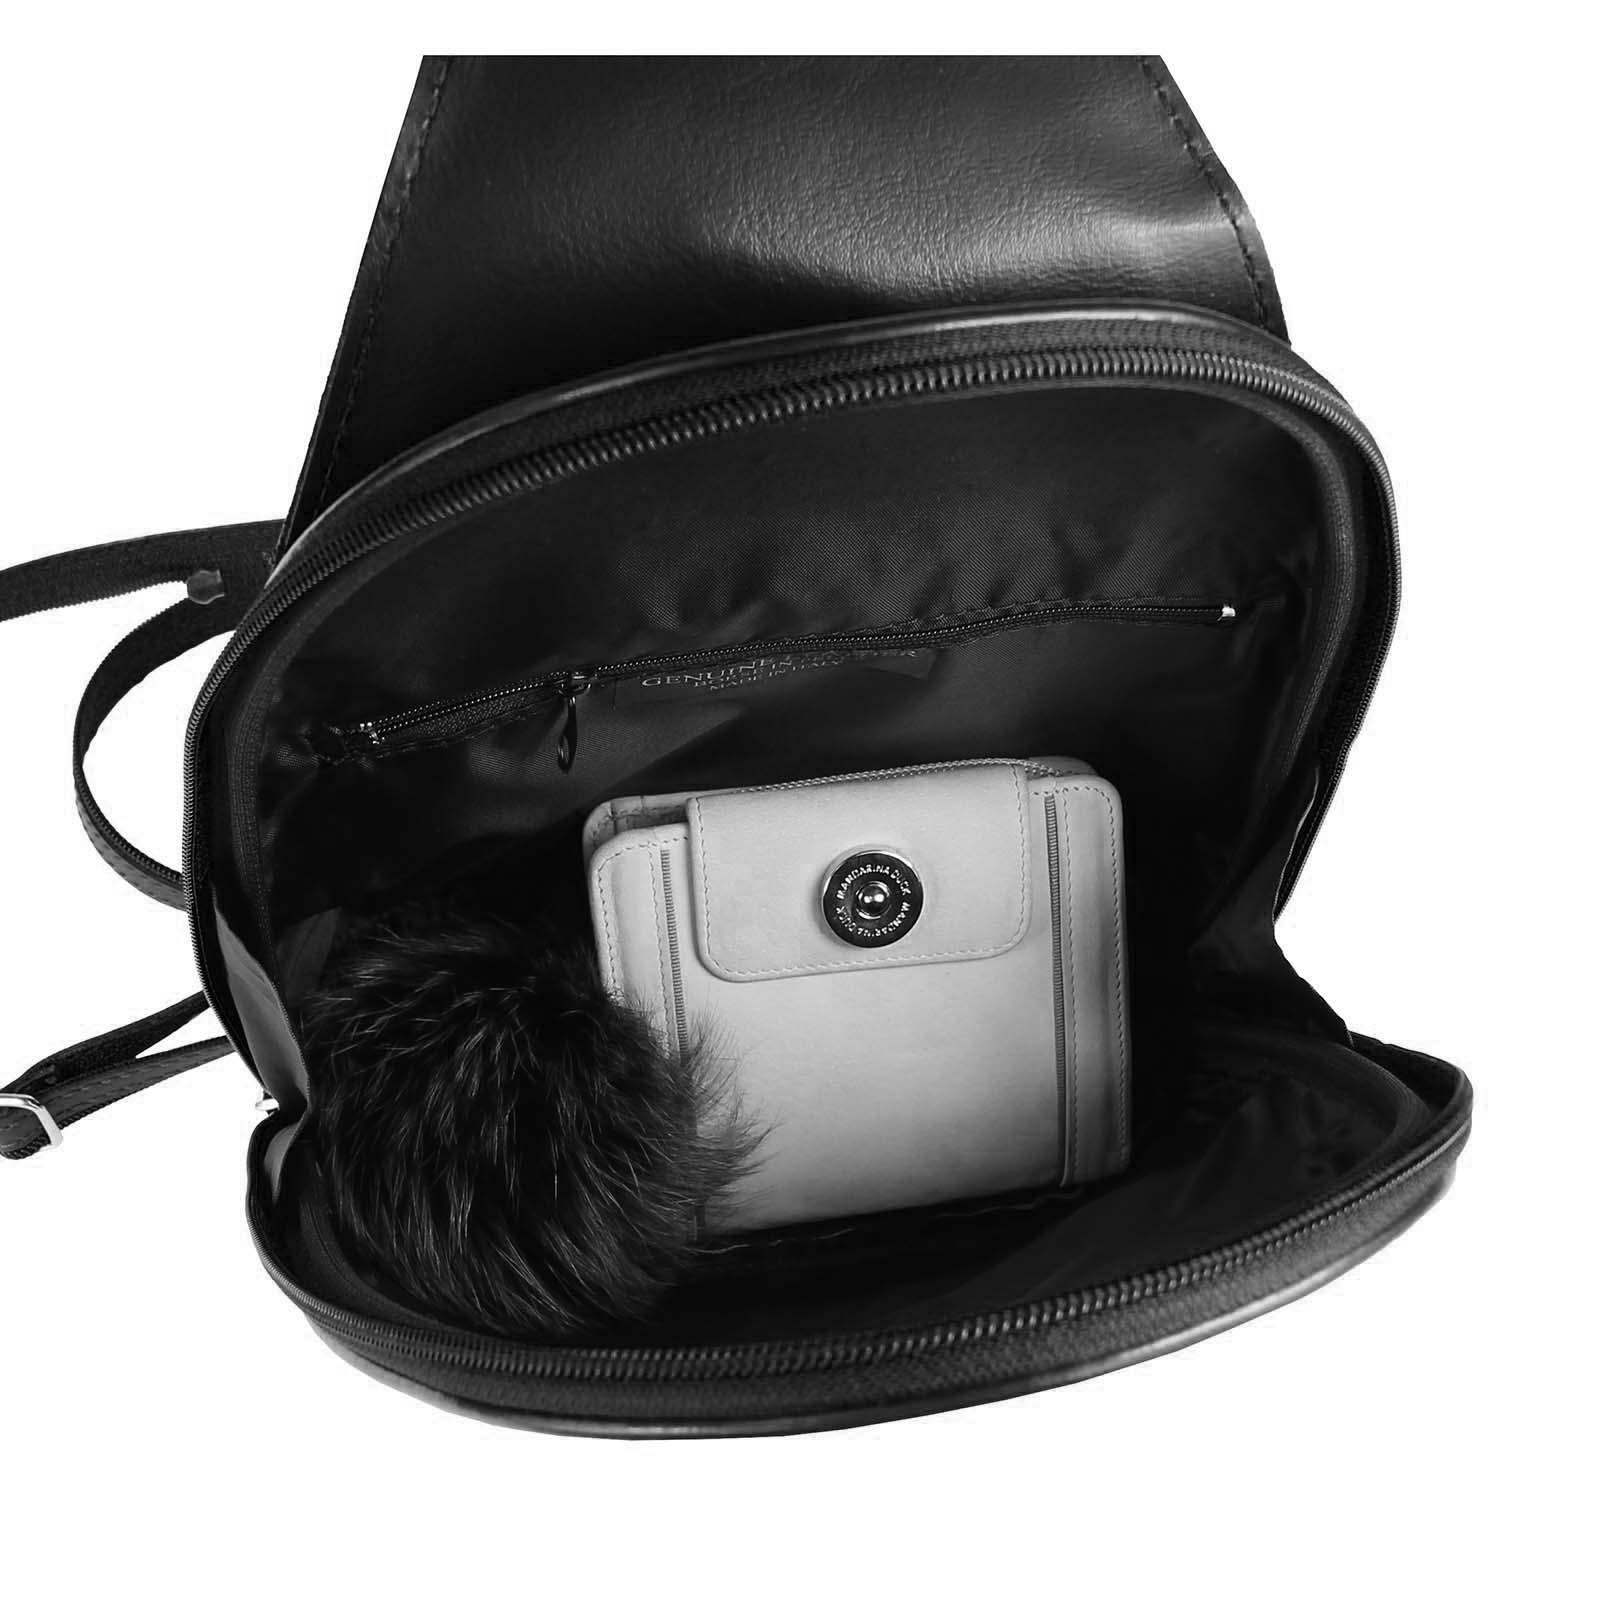 ITALY-DAMEN-LEDER-RUCKSACK-Schulter-Tasche-Reise-BACKPACK-Lederrucksack-it-BAG Indexbild 18